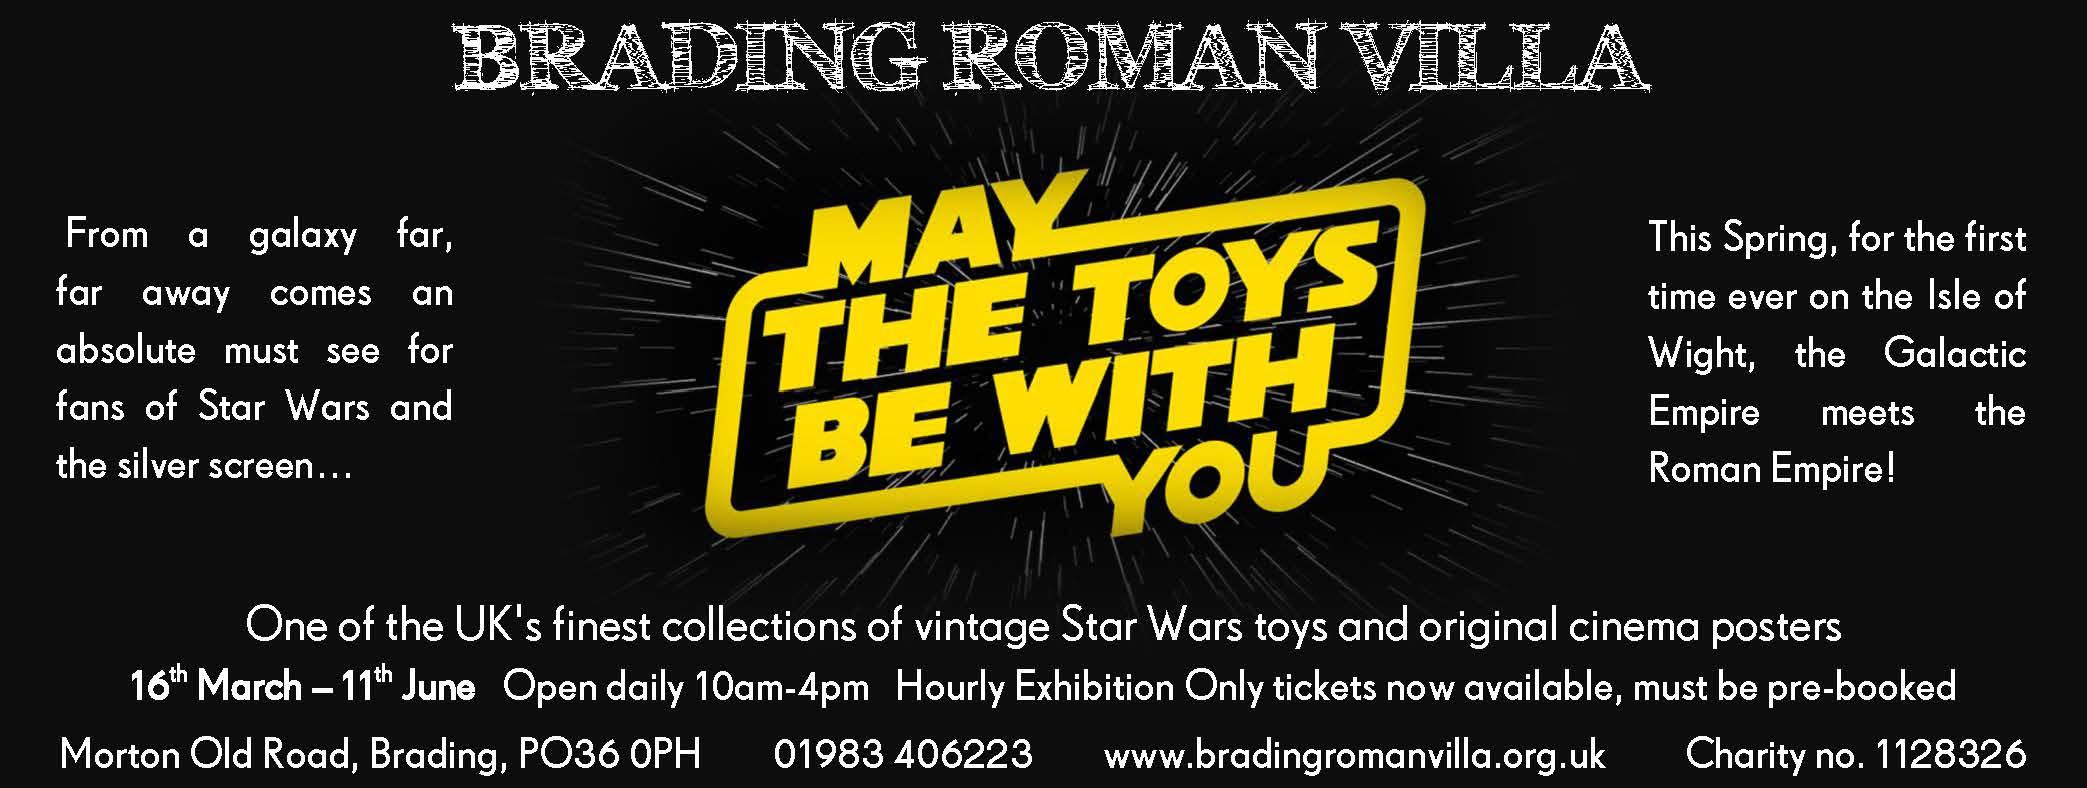 Star Wars Exhibition ad